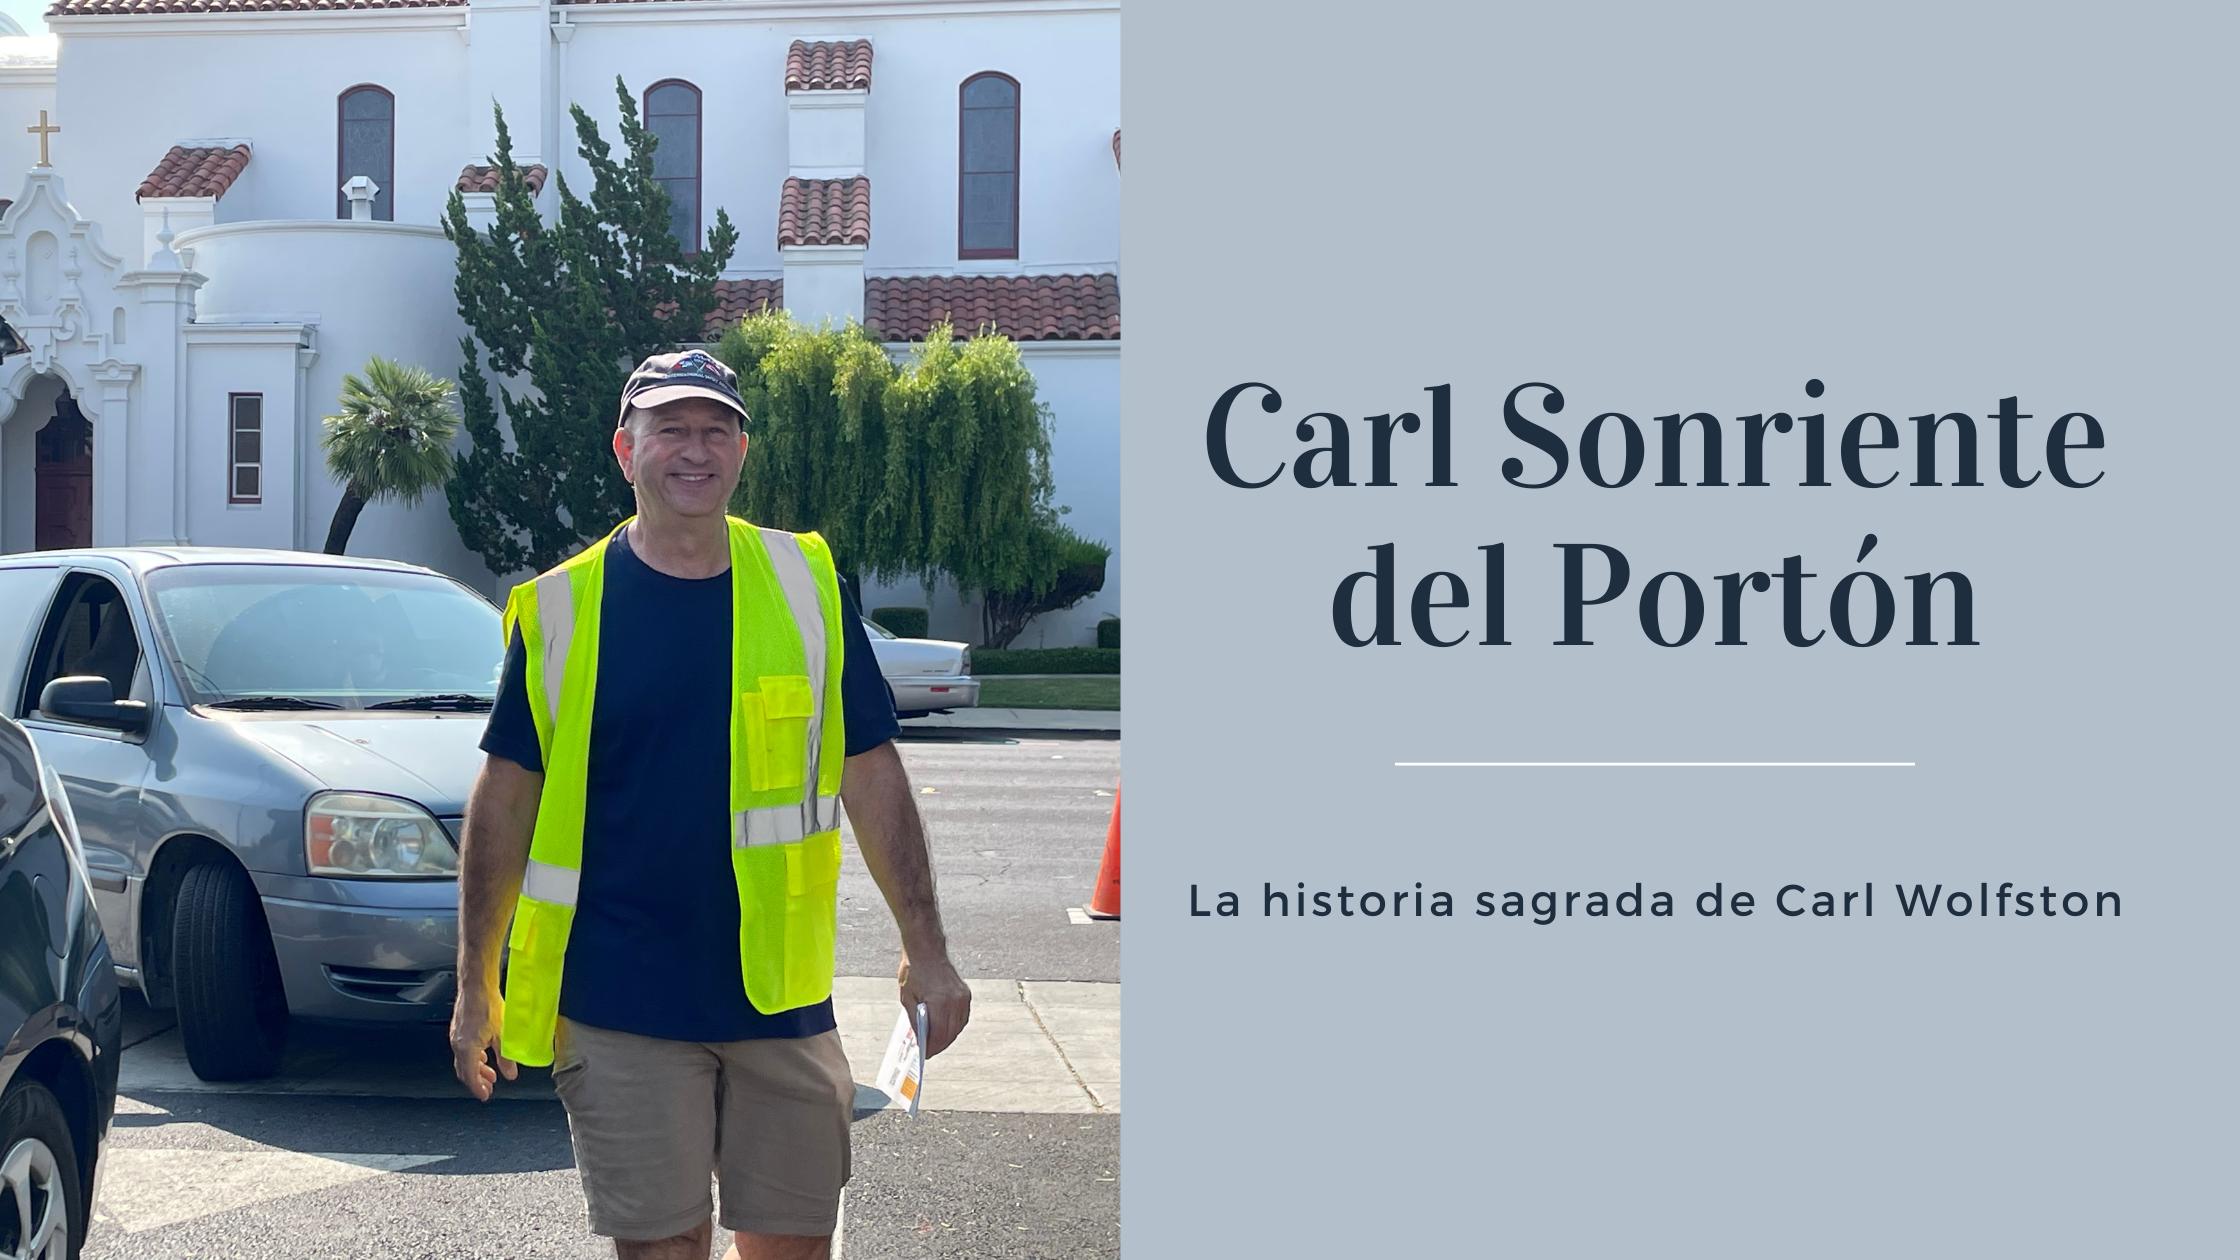 Carl Sonriente Del Porton